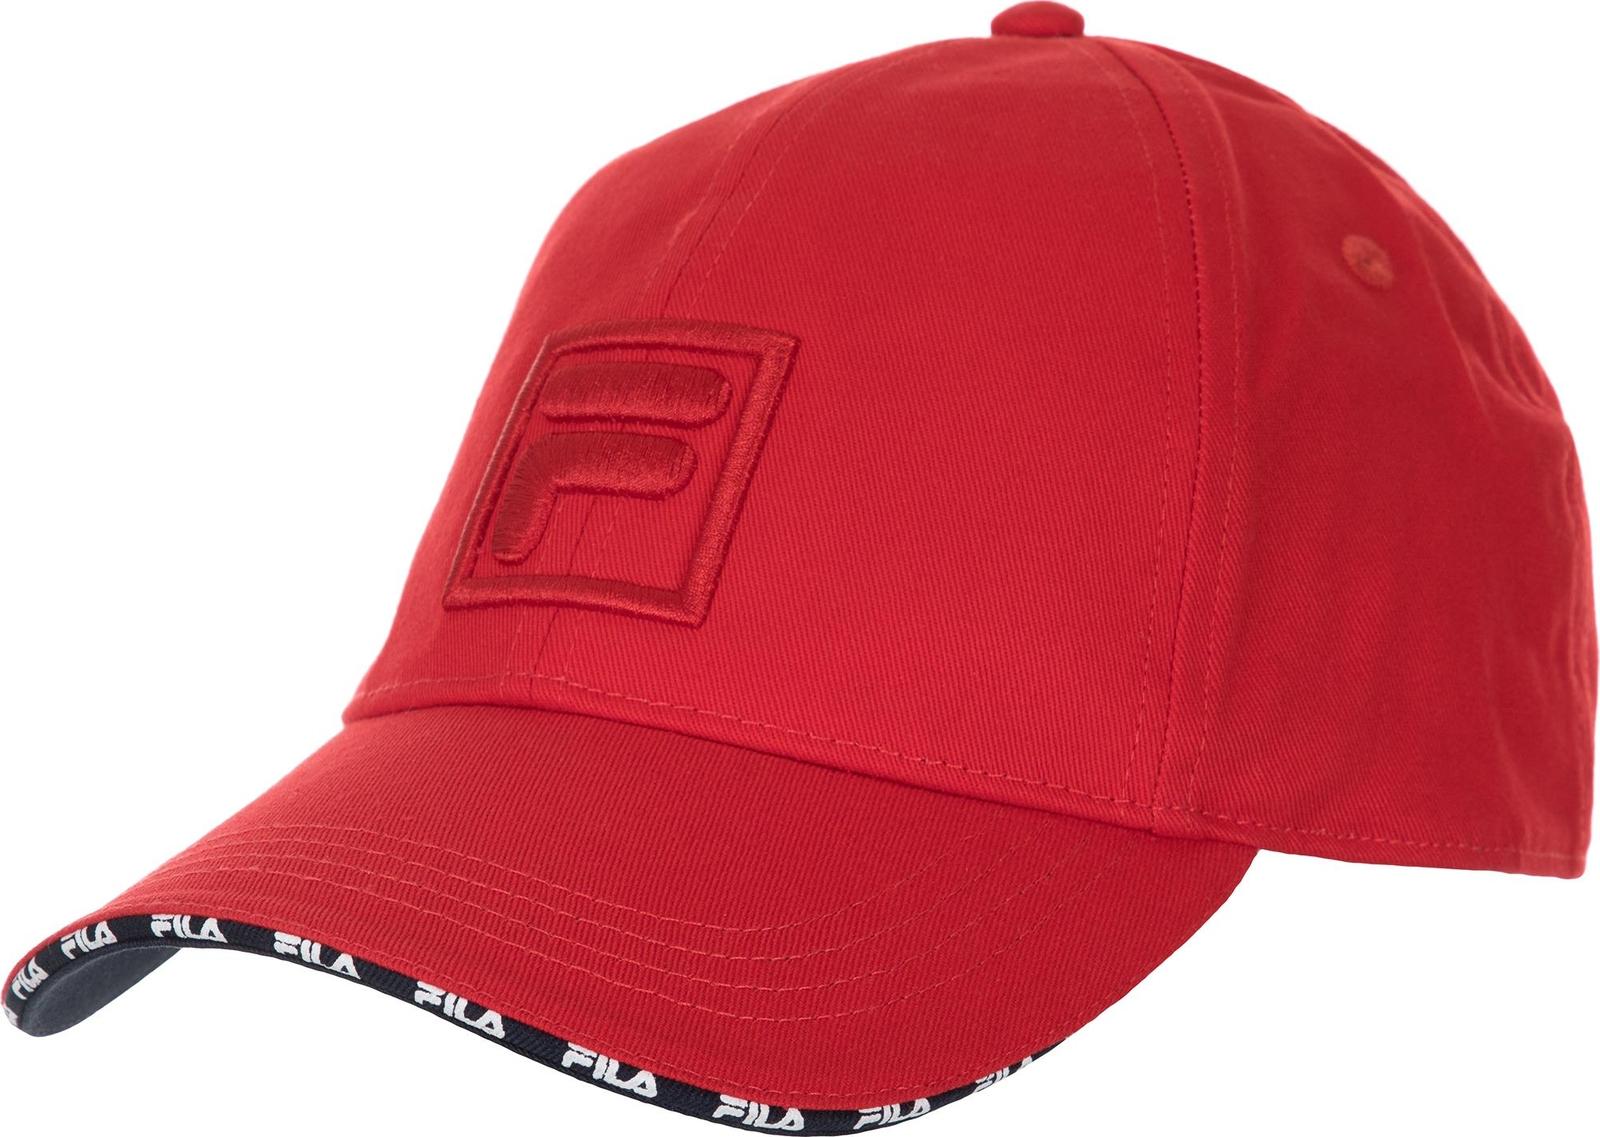 Бейсболка Fila бейсболка puma sf ls baseball cap цвет темно оливковый 02177602 размер универсальный